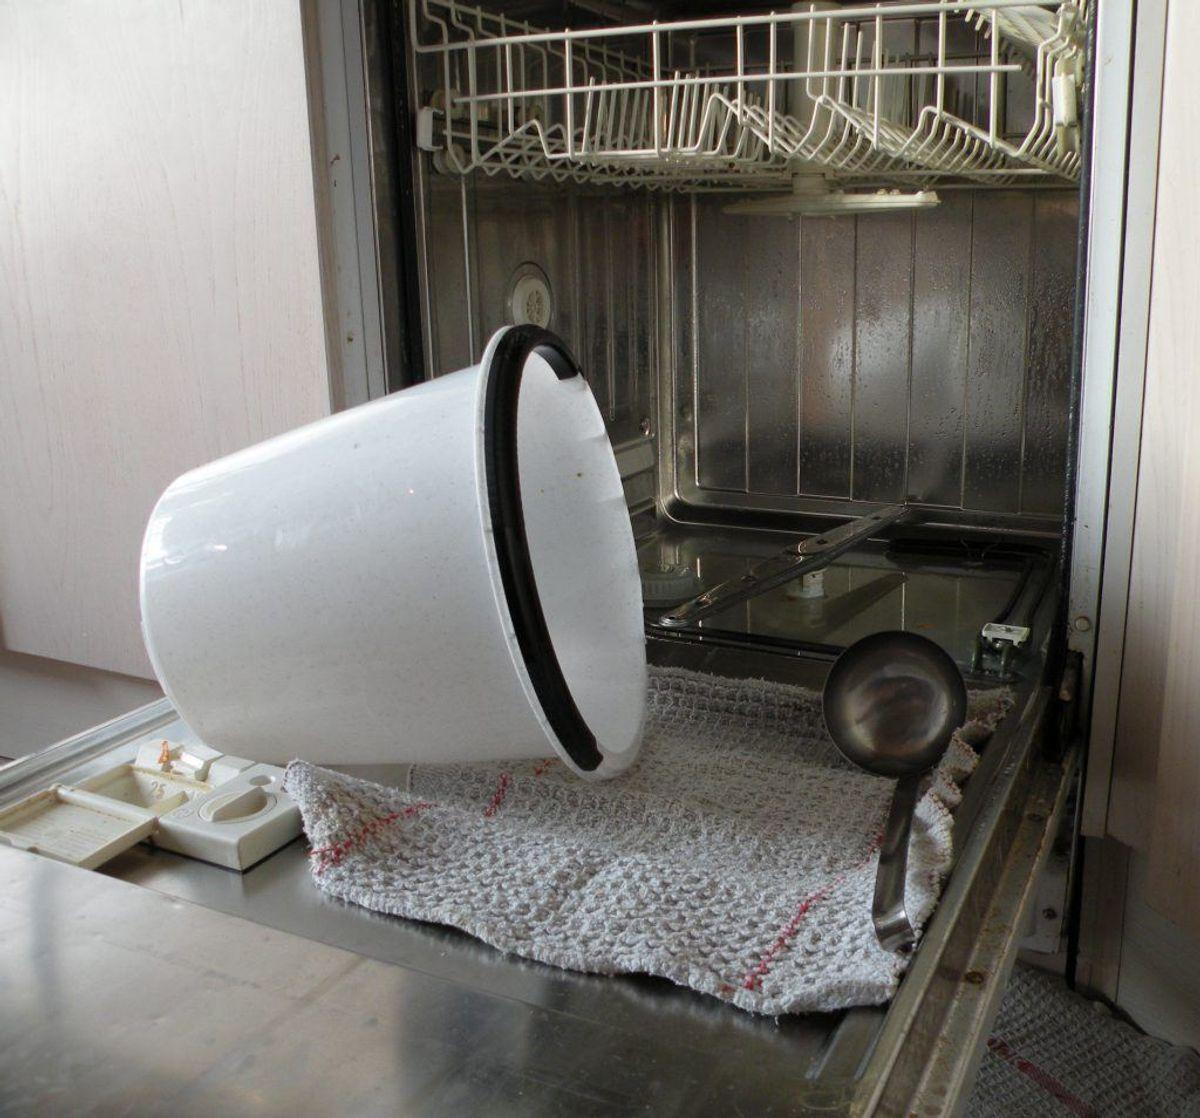 """Selvom man skulle tro, at den var selvrensende, kan en opvaskemaskine ende op som en regulær bakteriebombe, hvis man ikke sørger for at give den en """"konventionel"""" rengøring med klud og rengøringsmiddel. Kilde: Reader's Digest. Arkivfoto."""